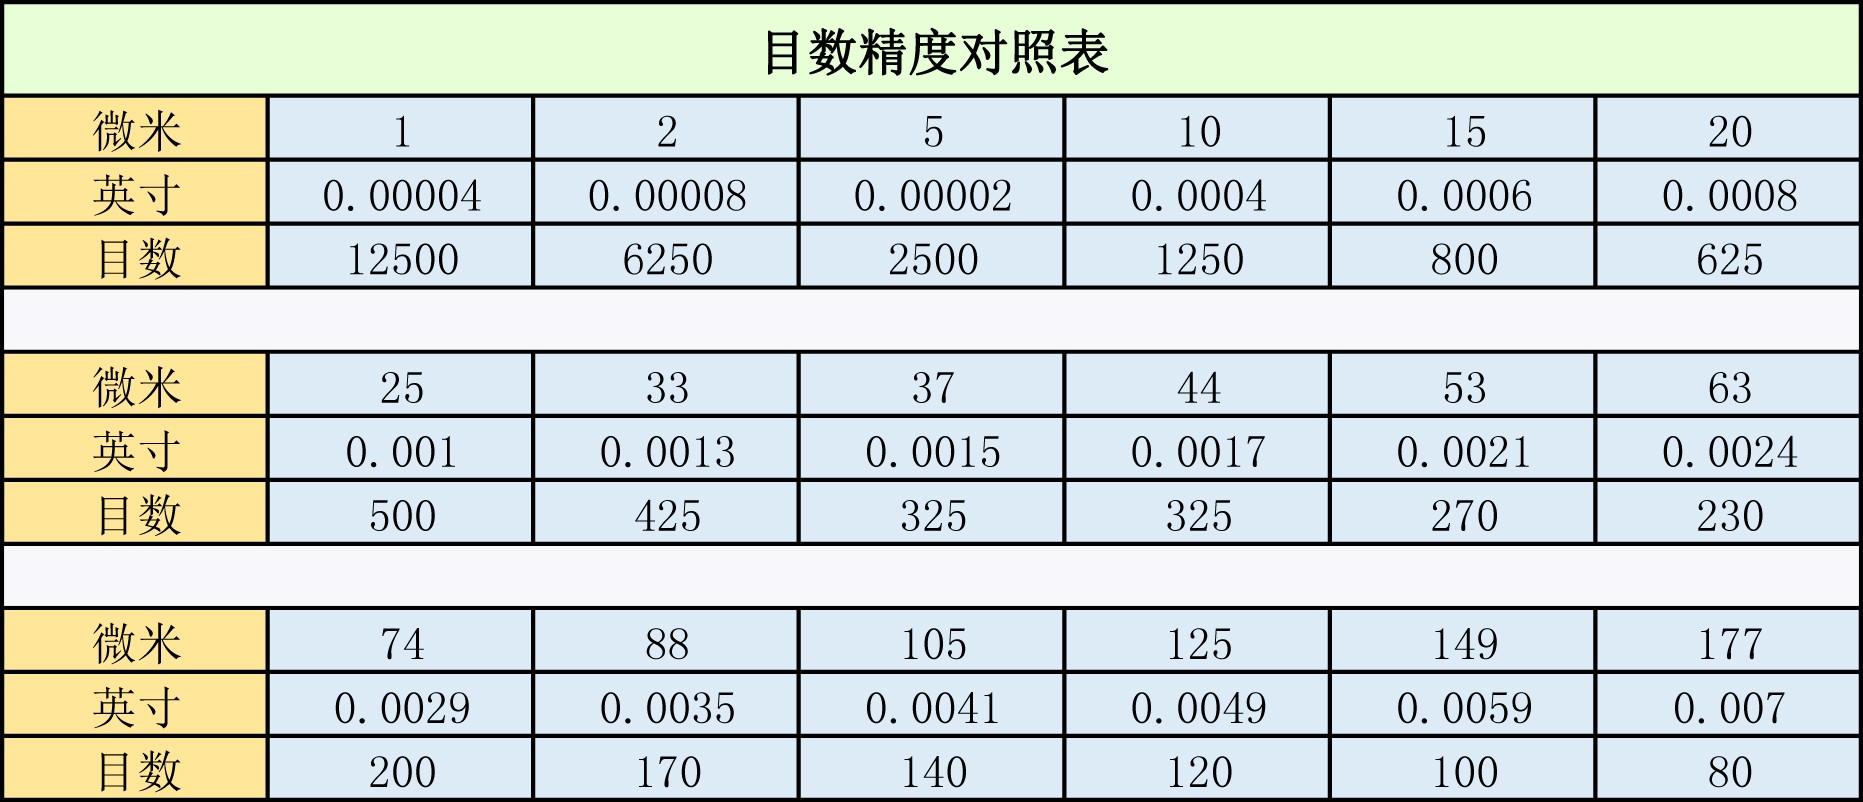 目数精度对照表2019.08.08.jpg